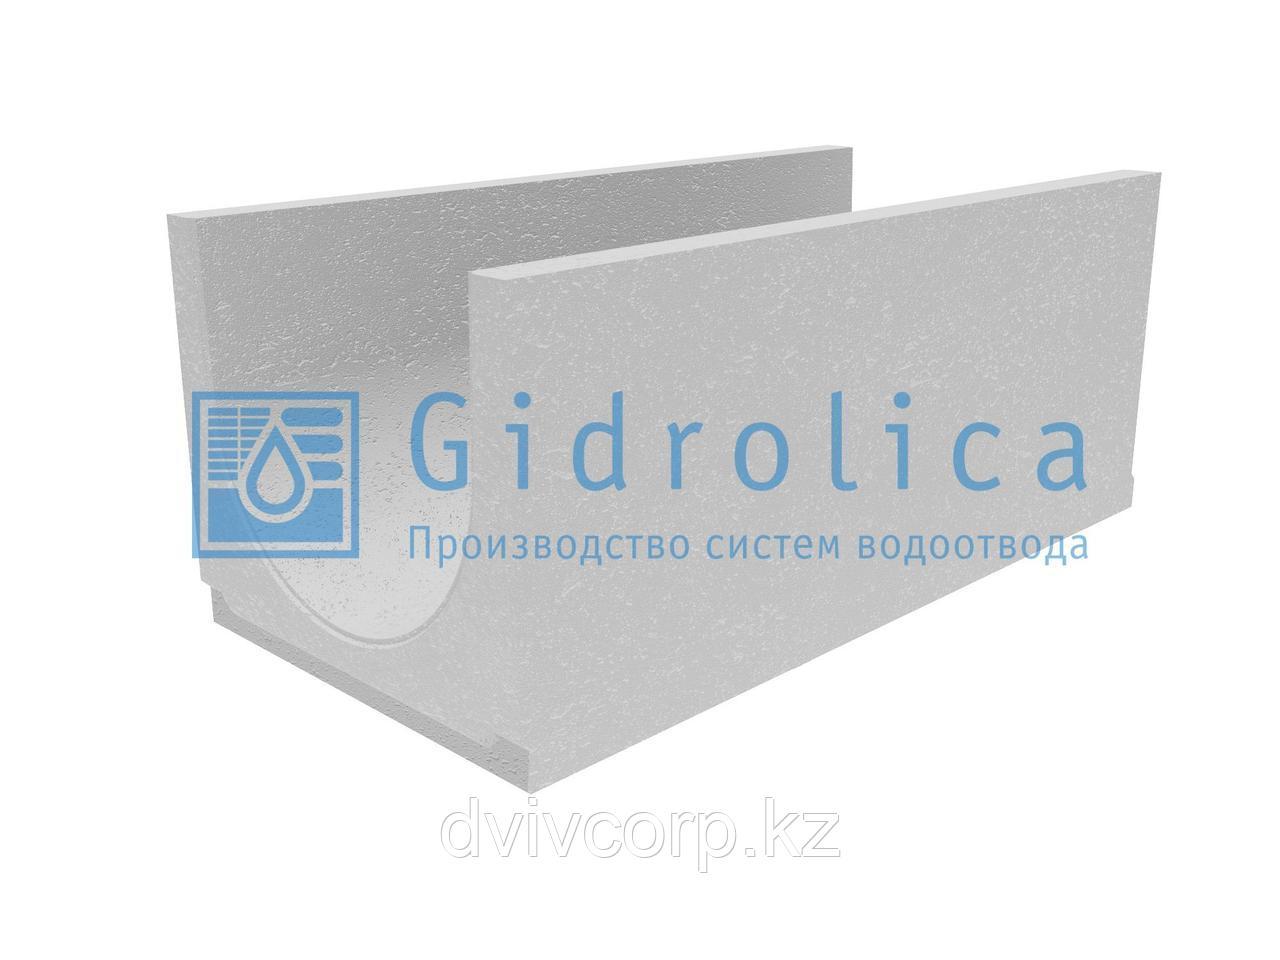 Лоток водоотводный бетонный коробчатый (СО-400мм), с уклоном 0,5% КUу 100.49,4(40).43,5(36,5) - BGU, № 8